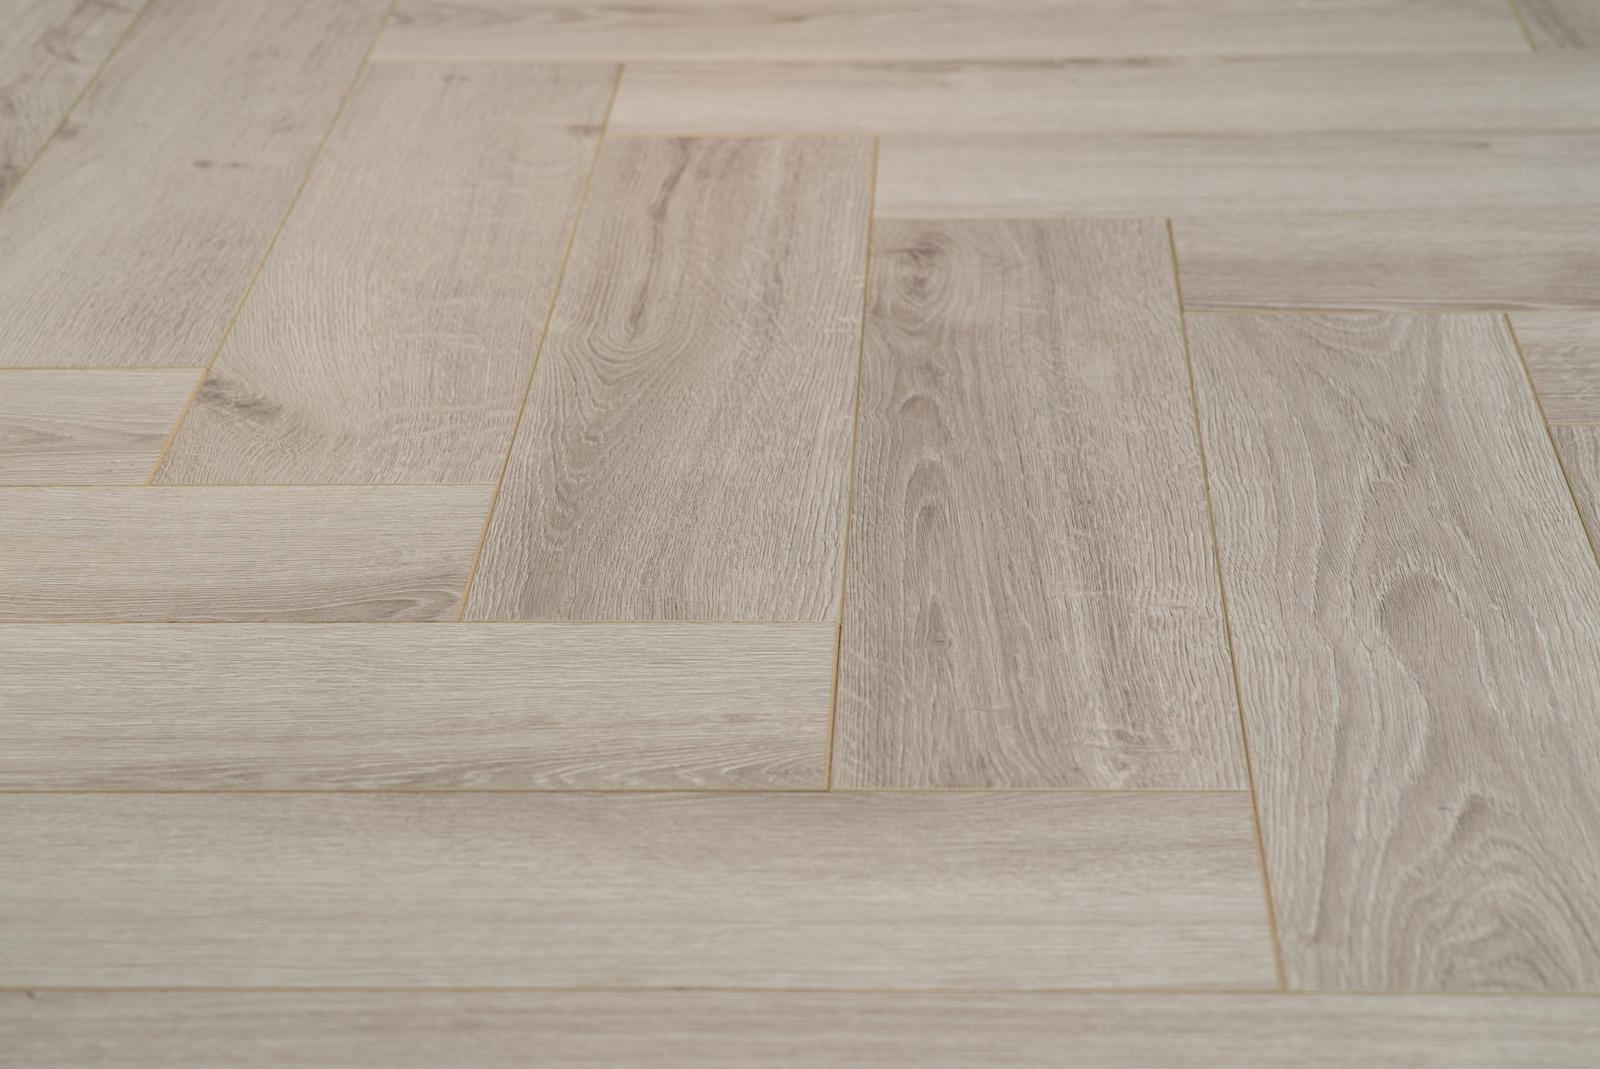 Visgraat Laminaat Leggen : Floer visgraat laminaat vloeren vergrijsd eiken patroon vloer